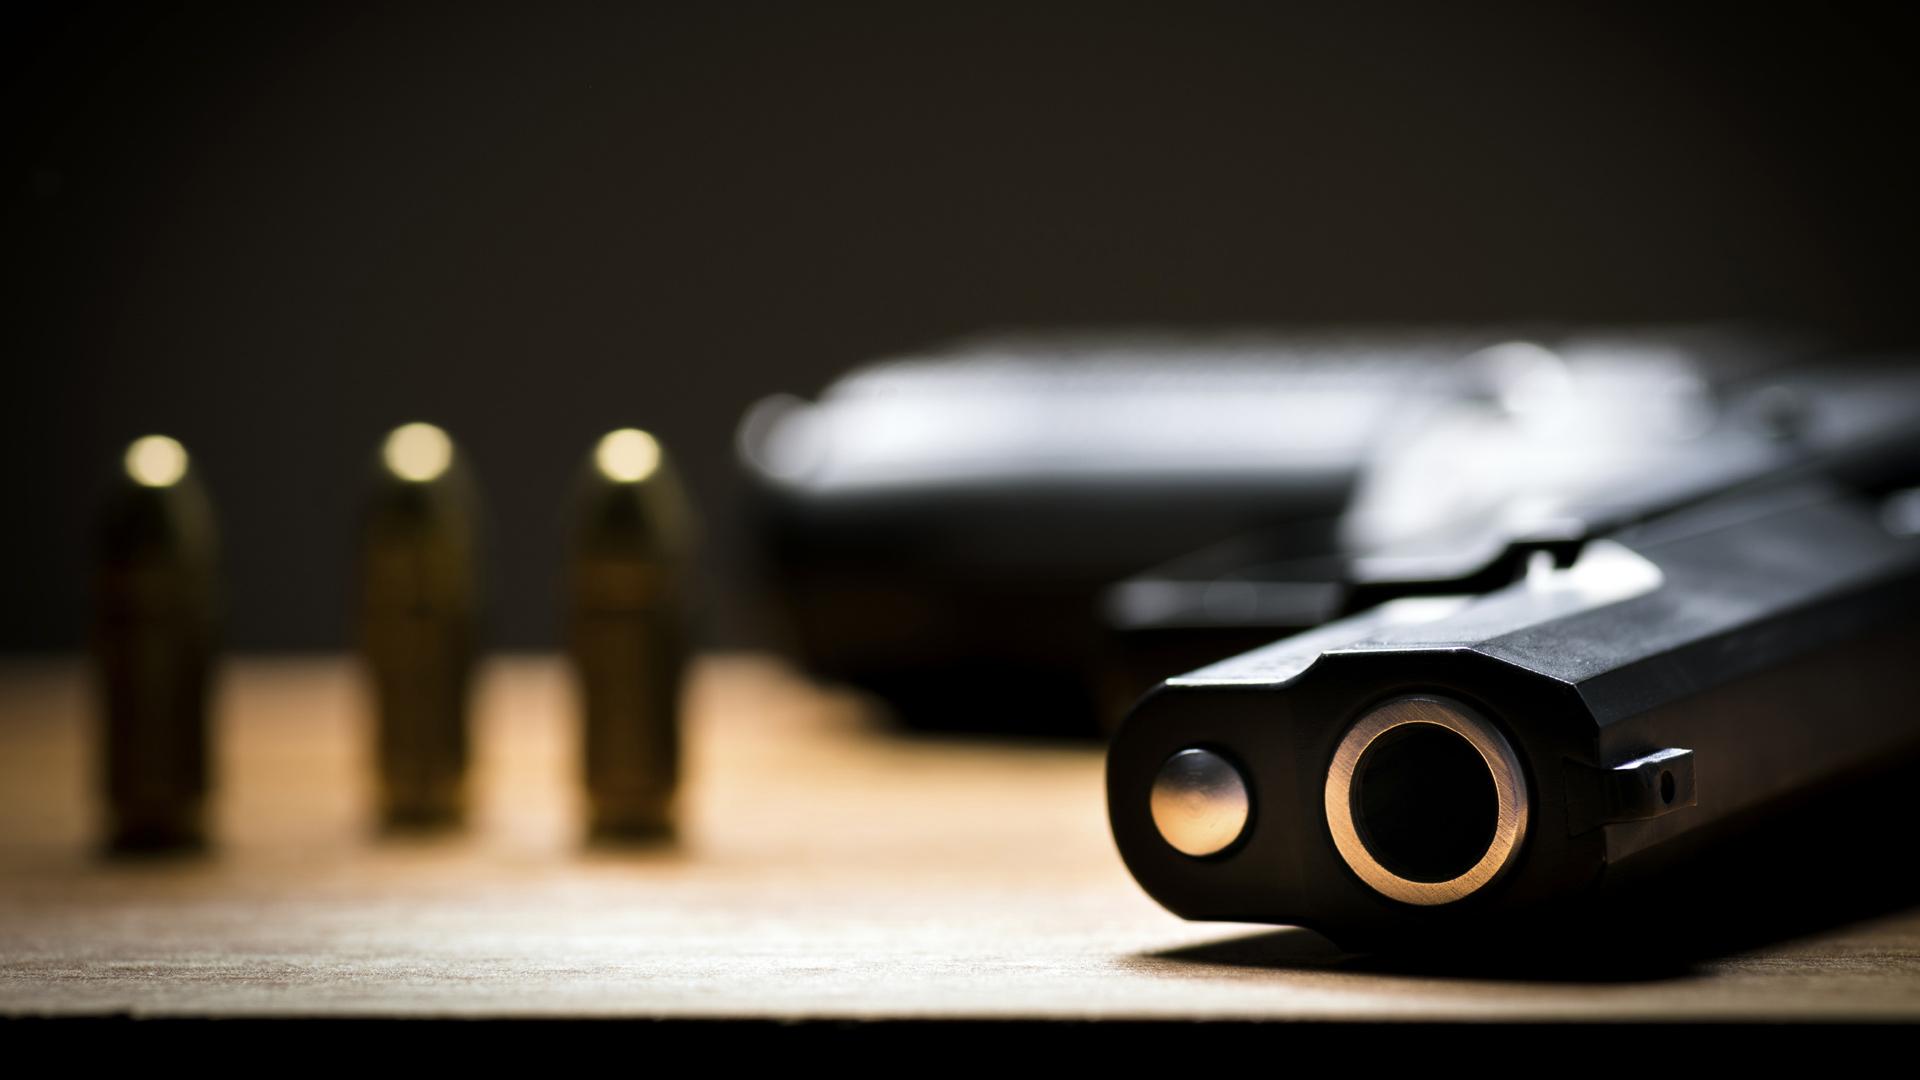 El agresor falleció a manos de una unidad especial que tomó el lugar, luego de que atacara a un policía